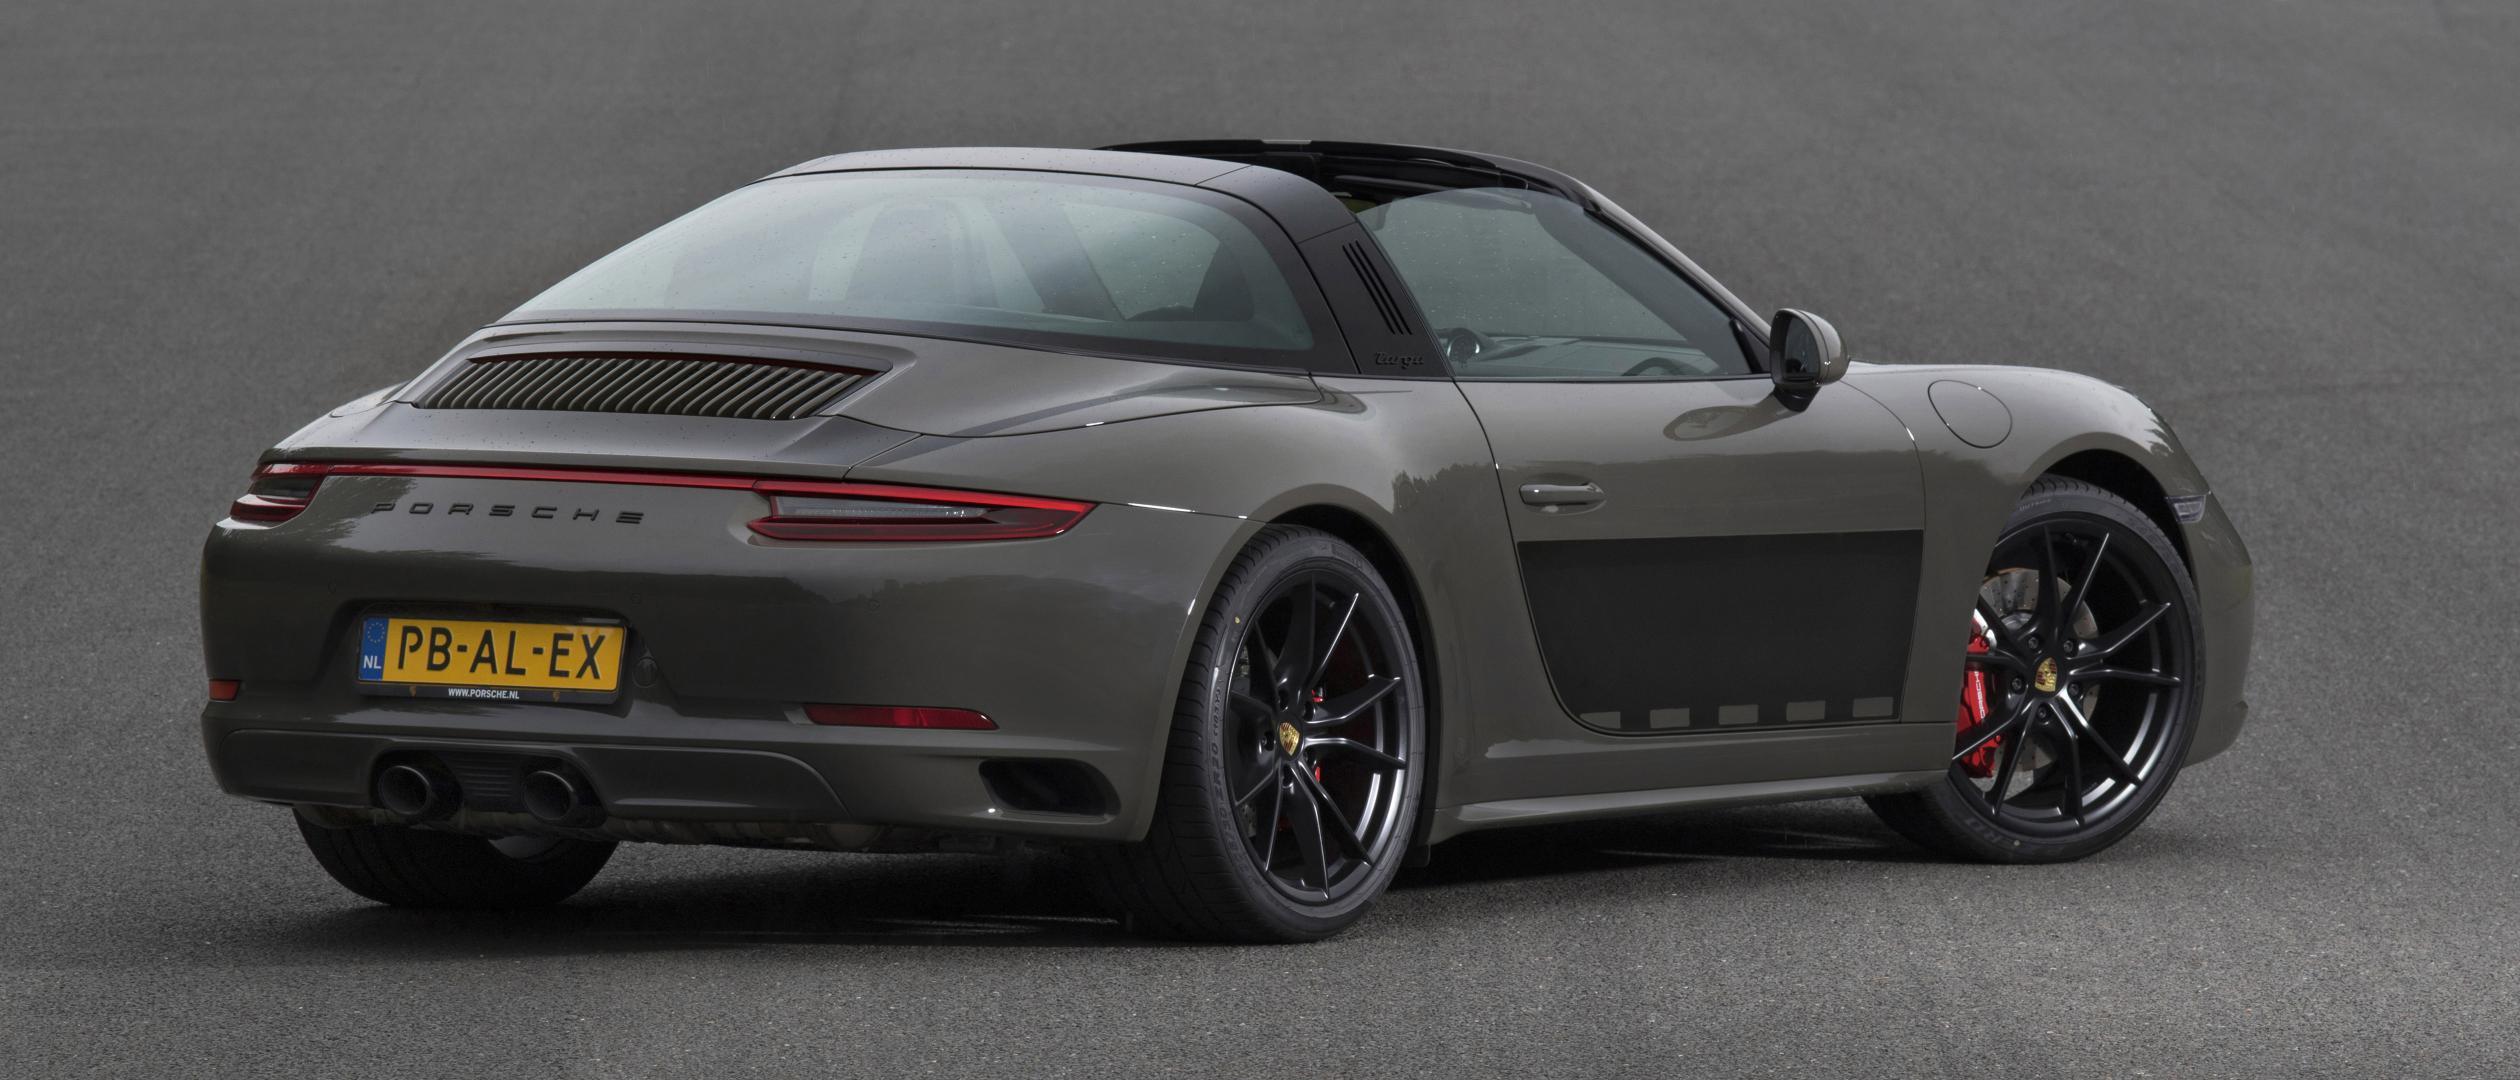 Porsche Alex Piet Boon